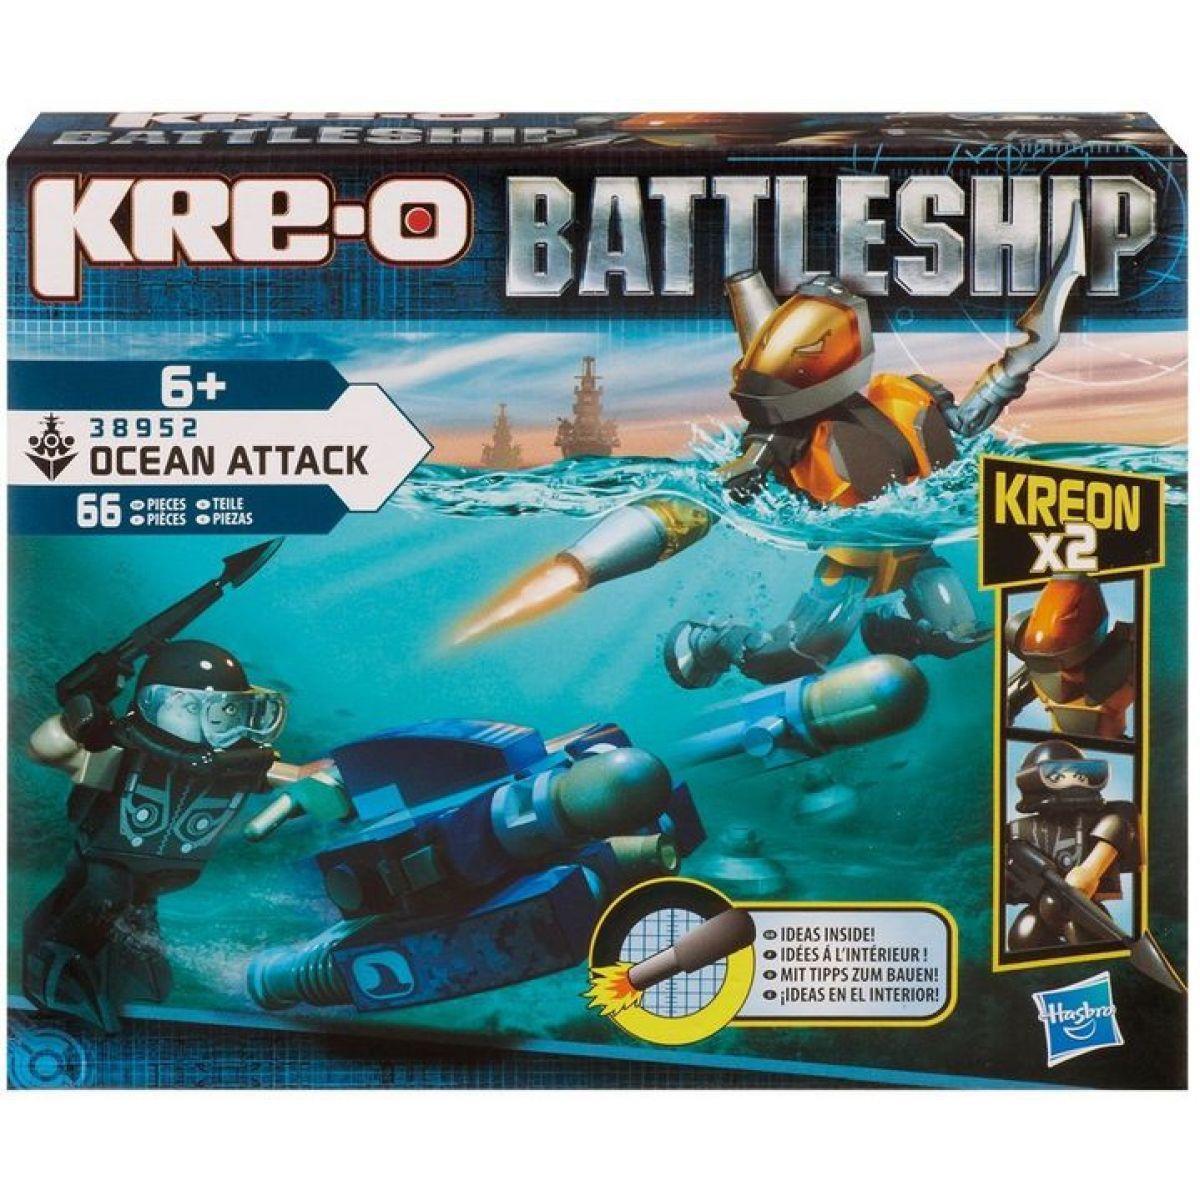 Kre-O Battleship Stavebnice podmořský útok